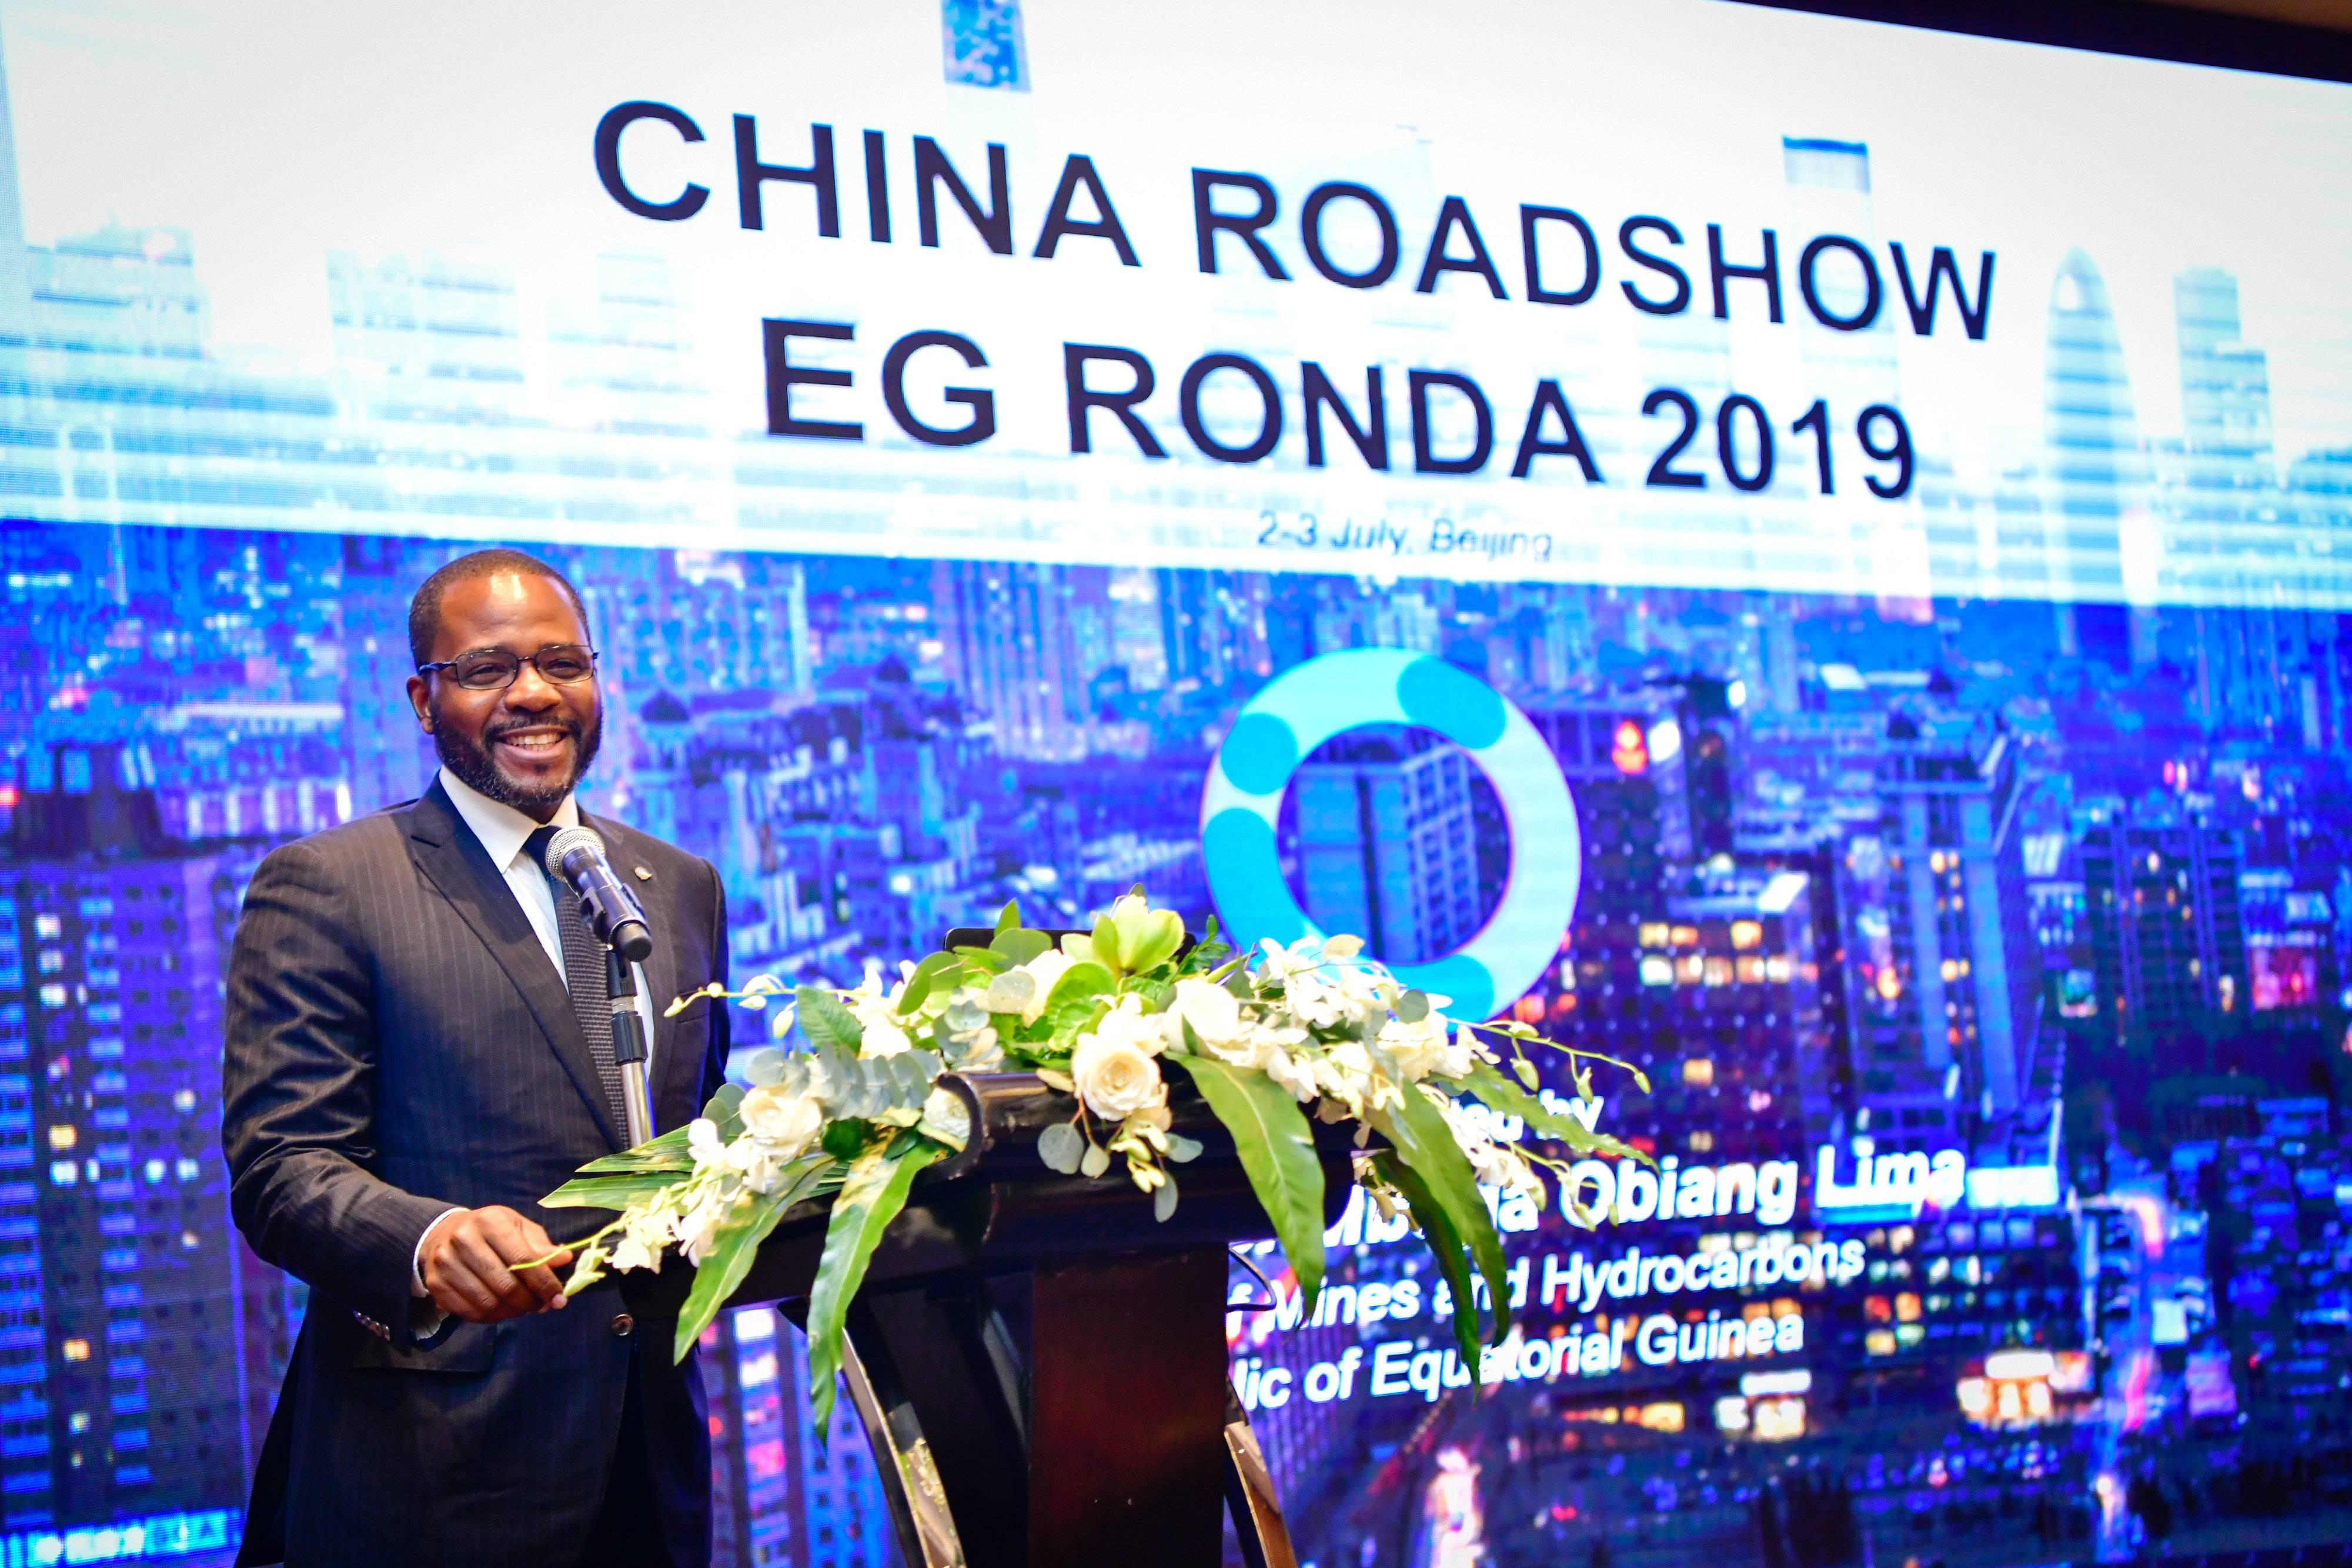 中国路演取得圆满成功,赤道几内亚展示了公开招标的石油、天然气及采矿许可区块